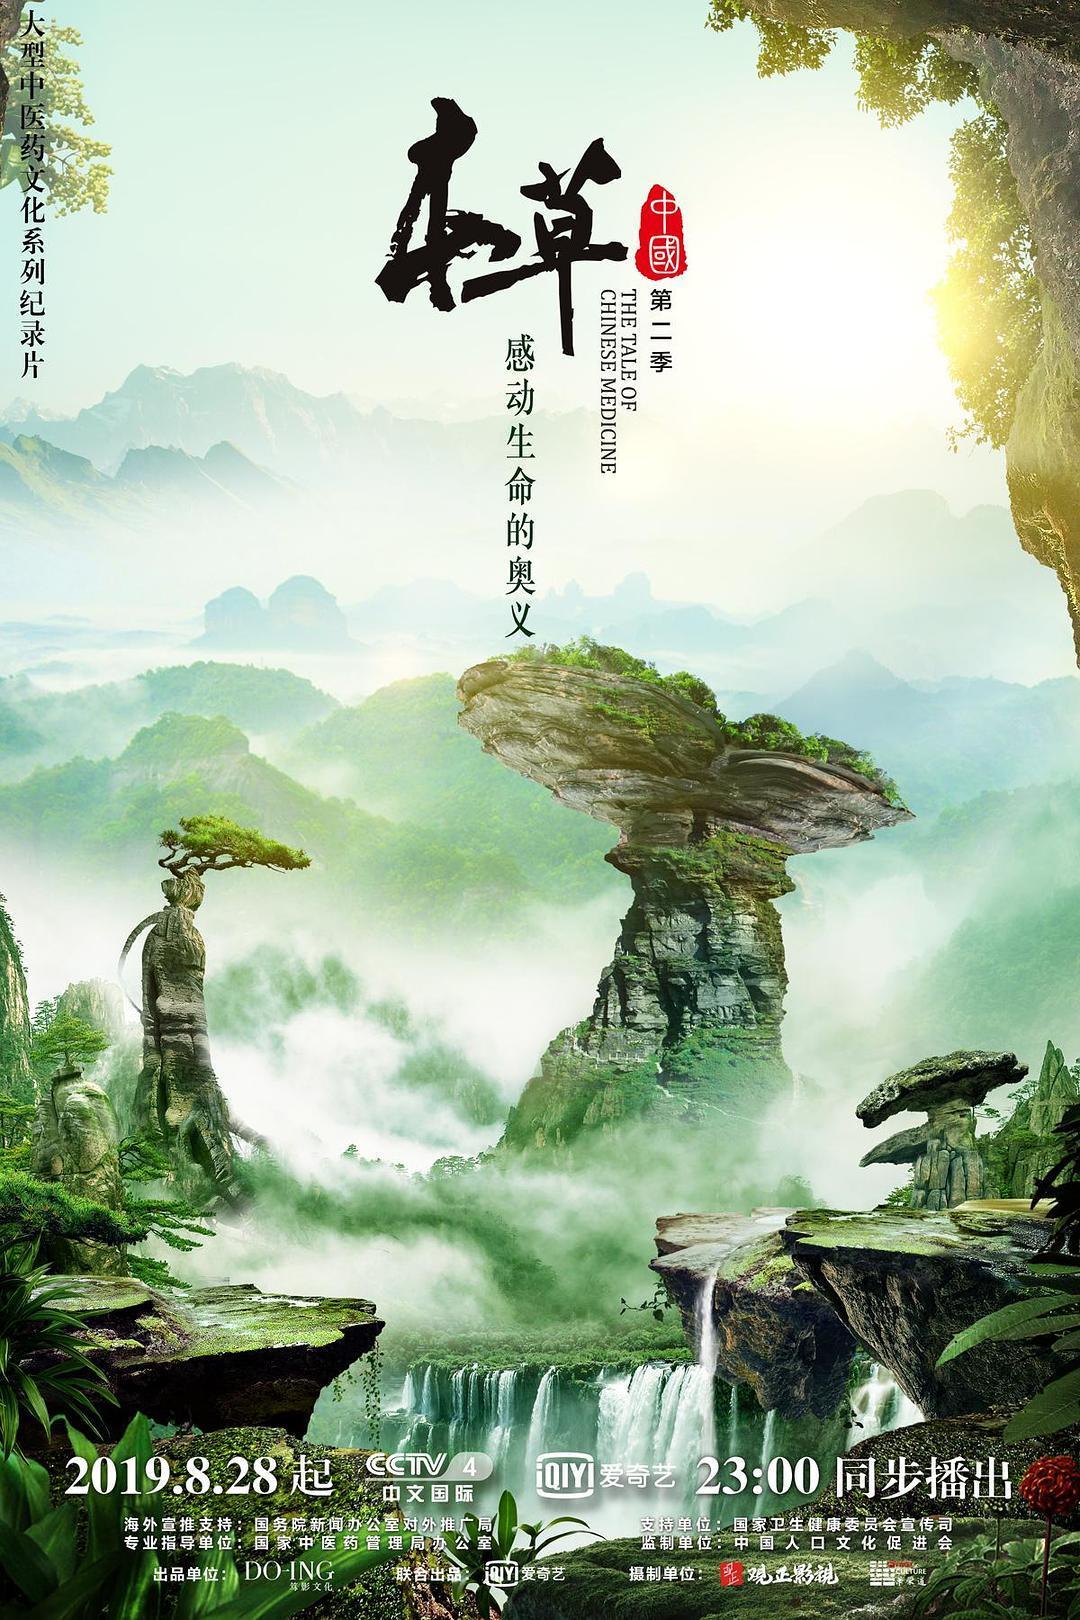 本草中国 第二季